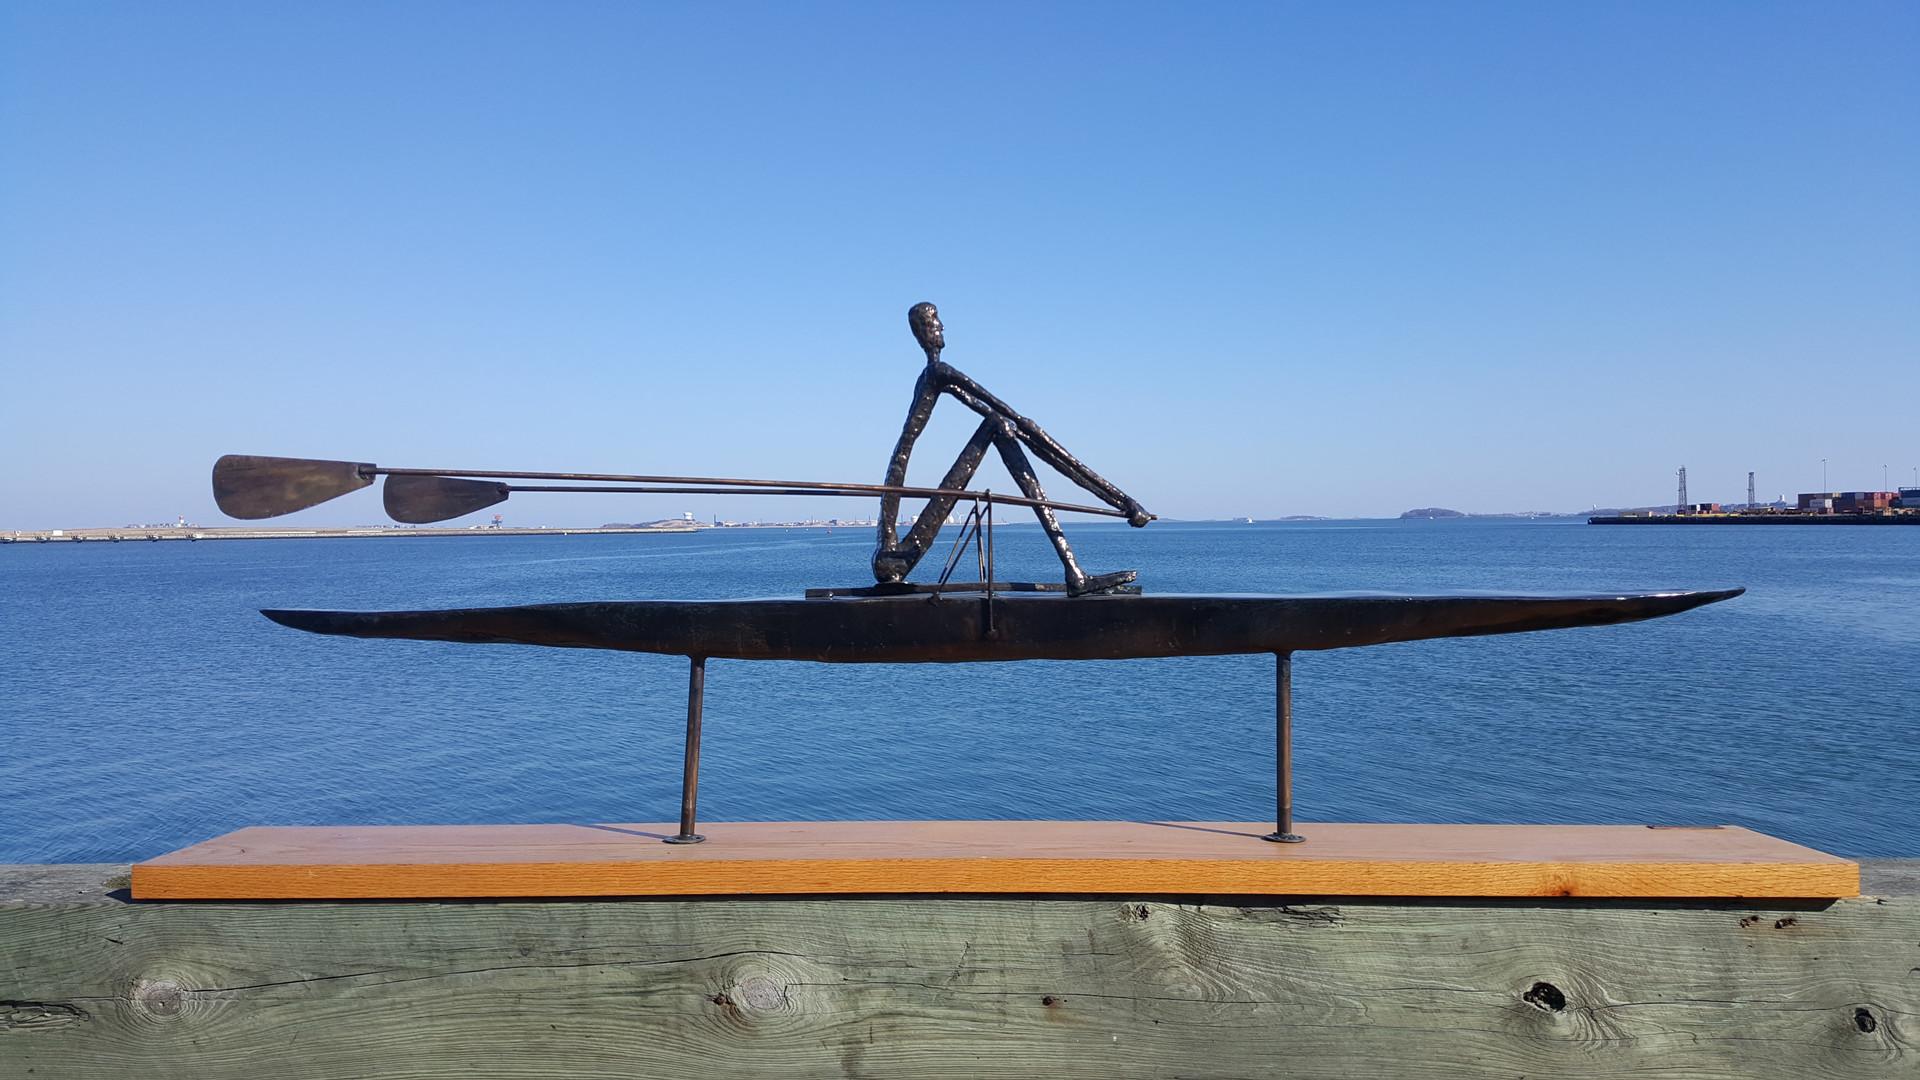 Rower, bronze, 84 x 32 x 18.jpg